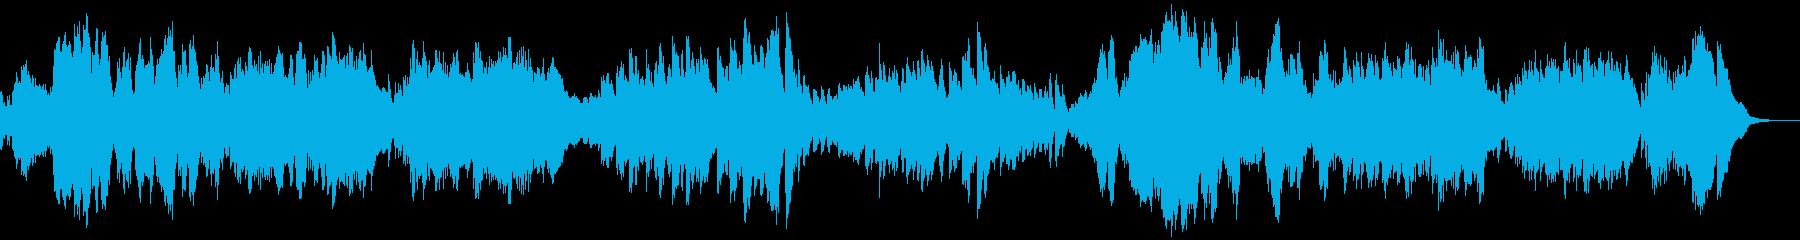 ワルツ第6番変ニ長調 作品64-1 の再生済みの波形